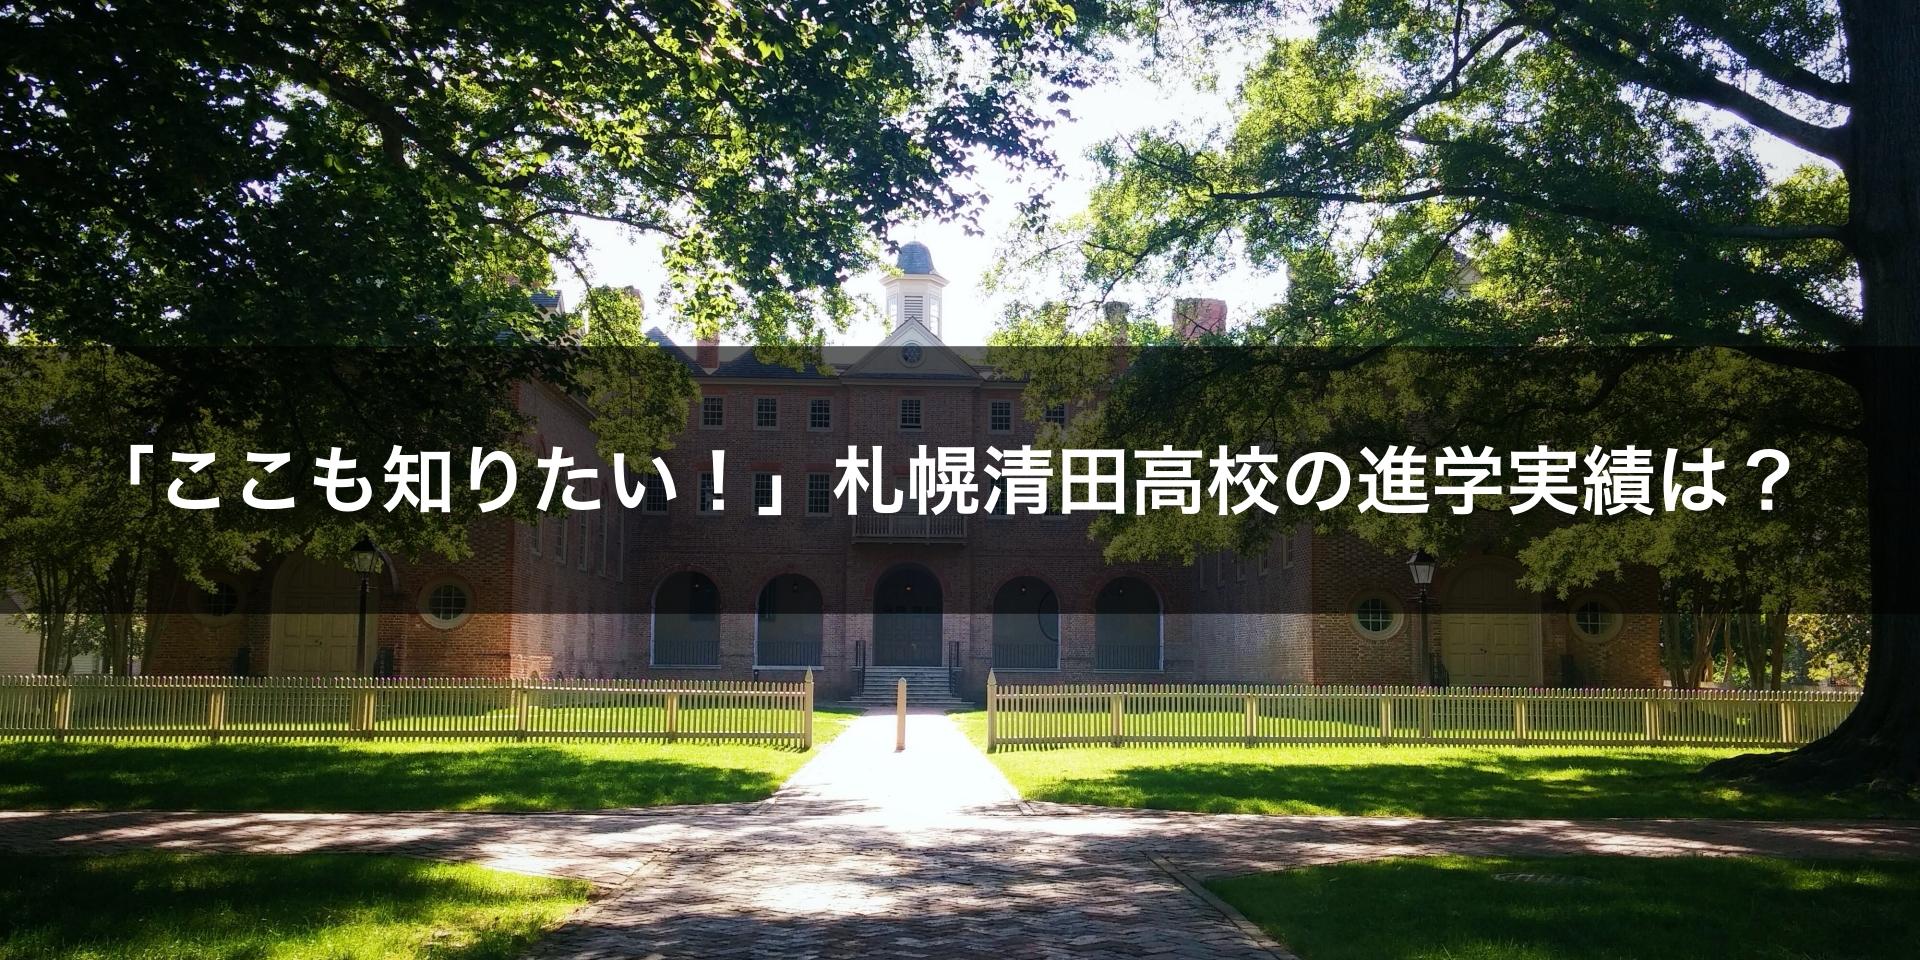 札幌清田高校の進学実績は?